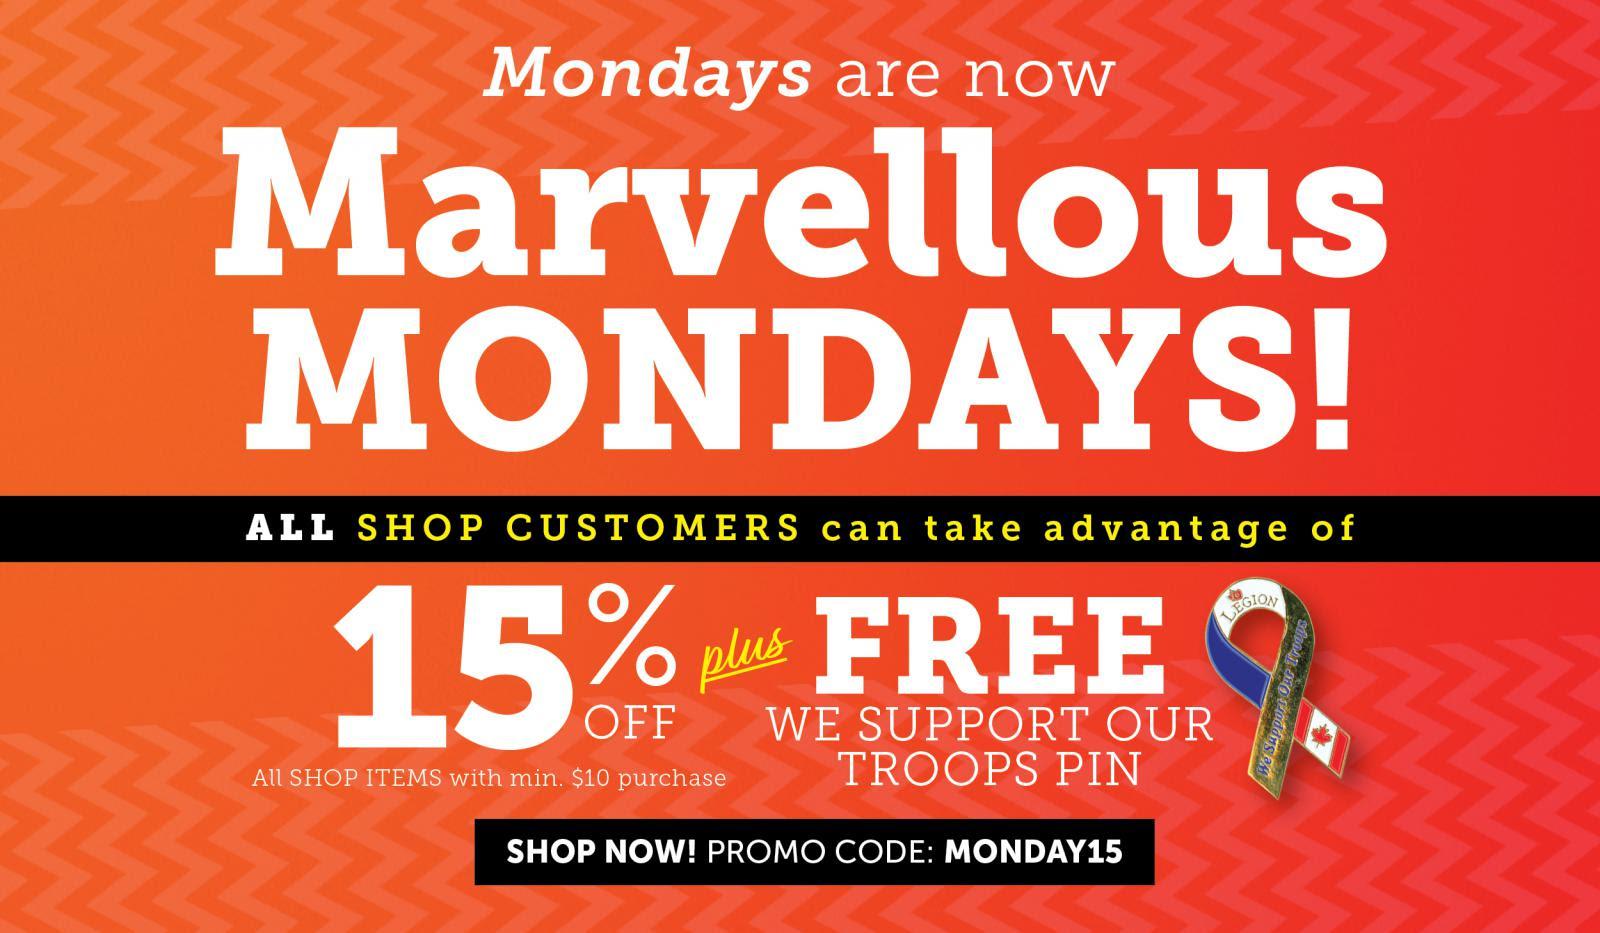 Marvellous Mondays!